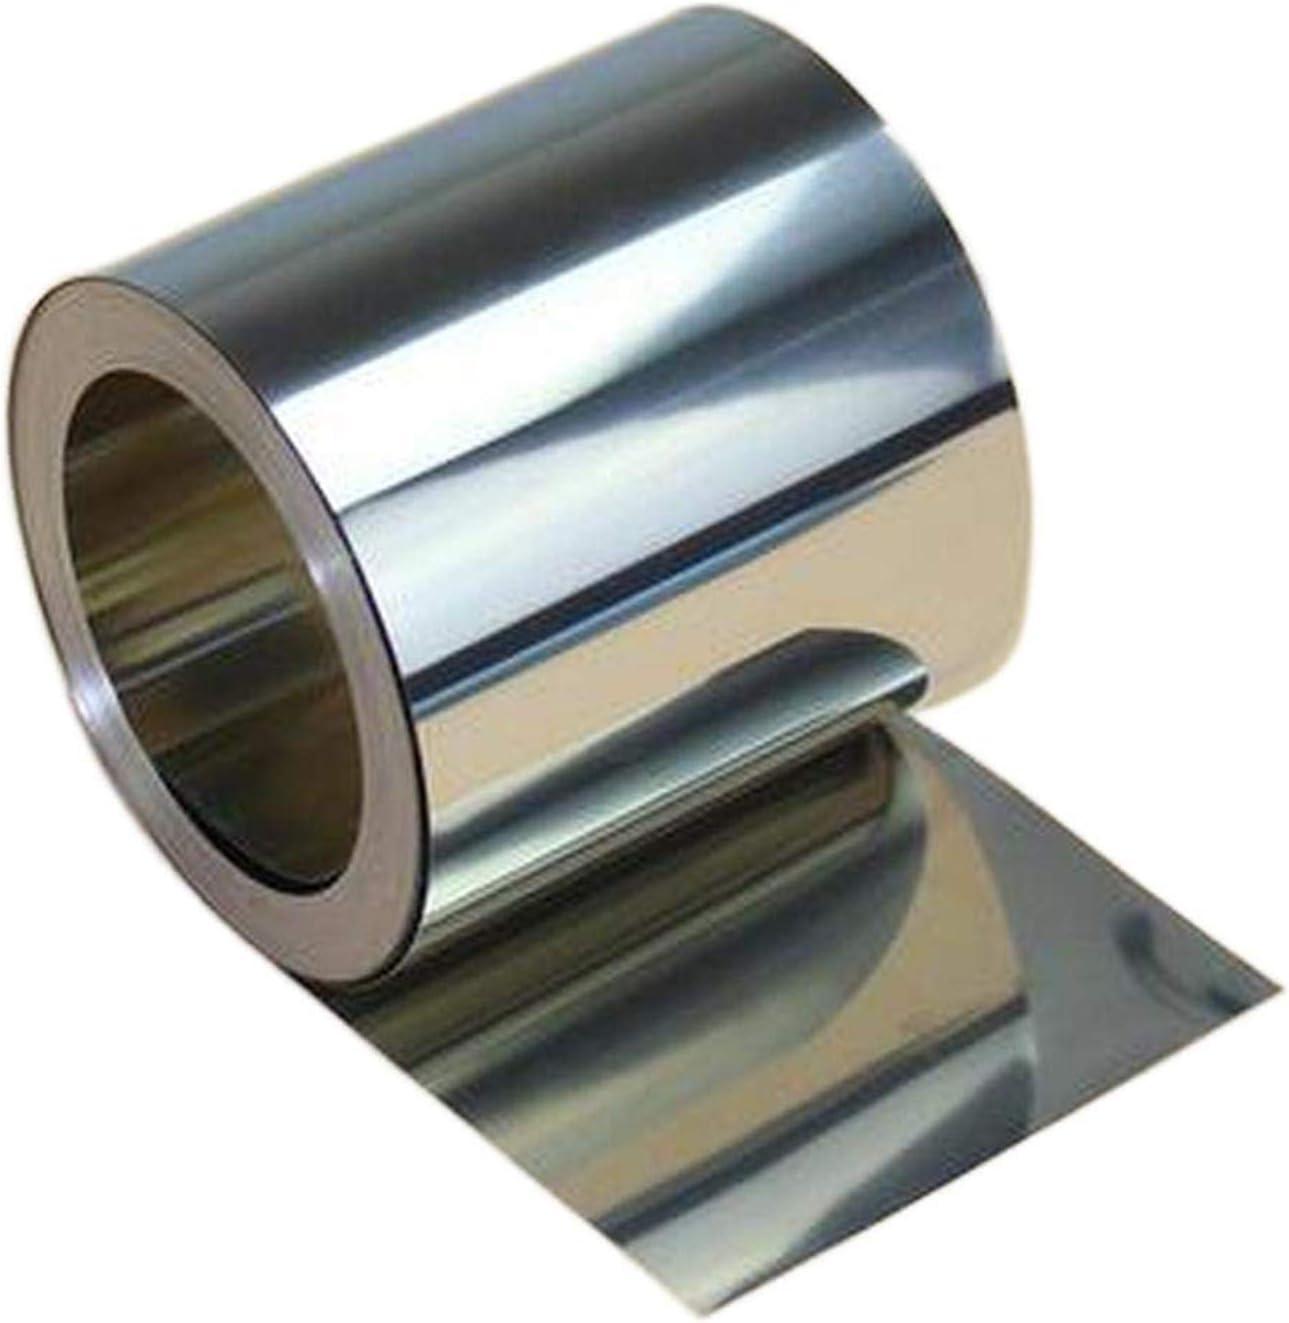 304 láminas de Acero Inoxidable Rollo Tiras Tiras Copas de Hojas de Placa Fina Chapa de metalería sin Mangas de Acero Inoxidable Piel,0.3mm x 10mm x 1m